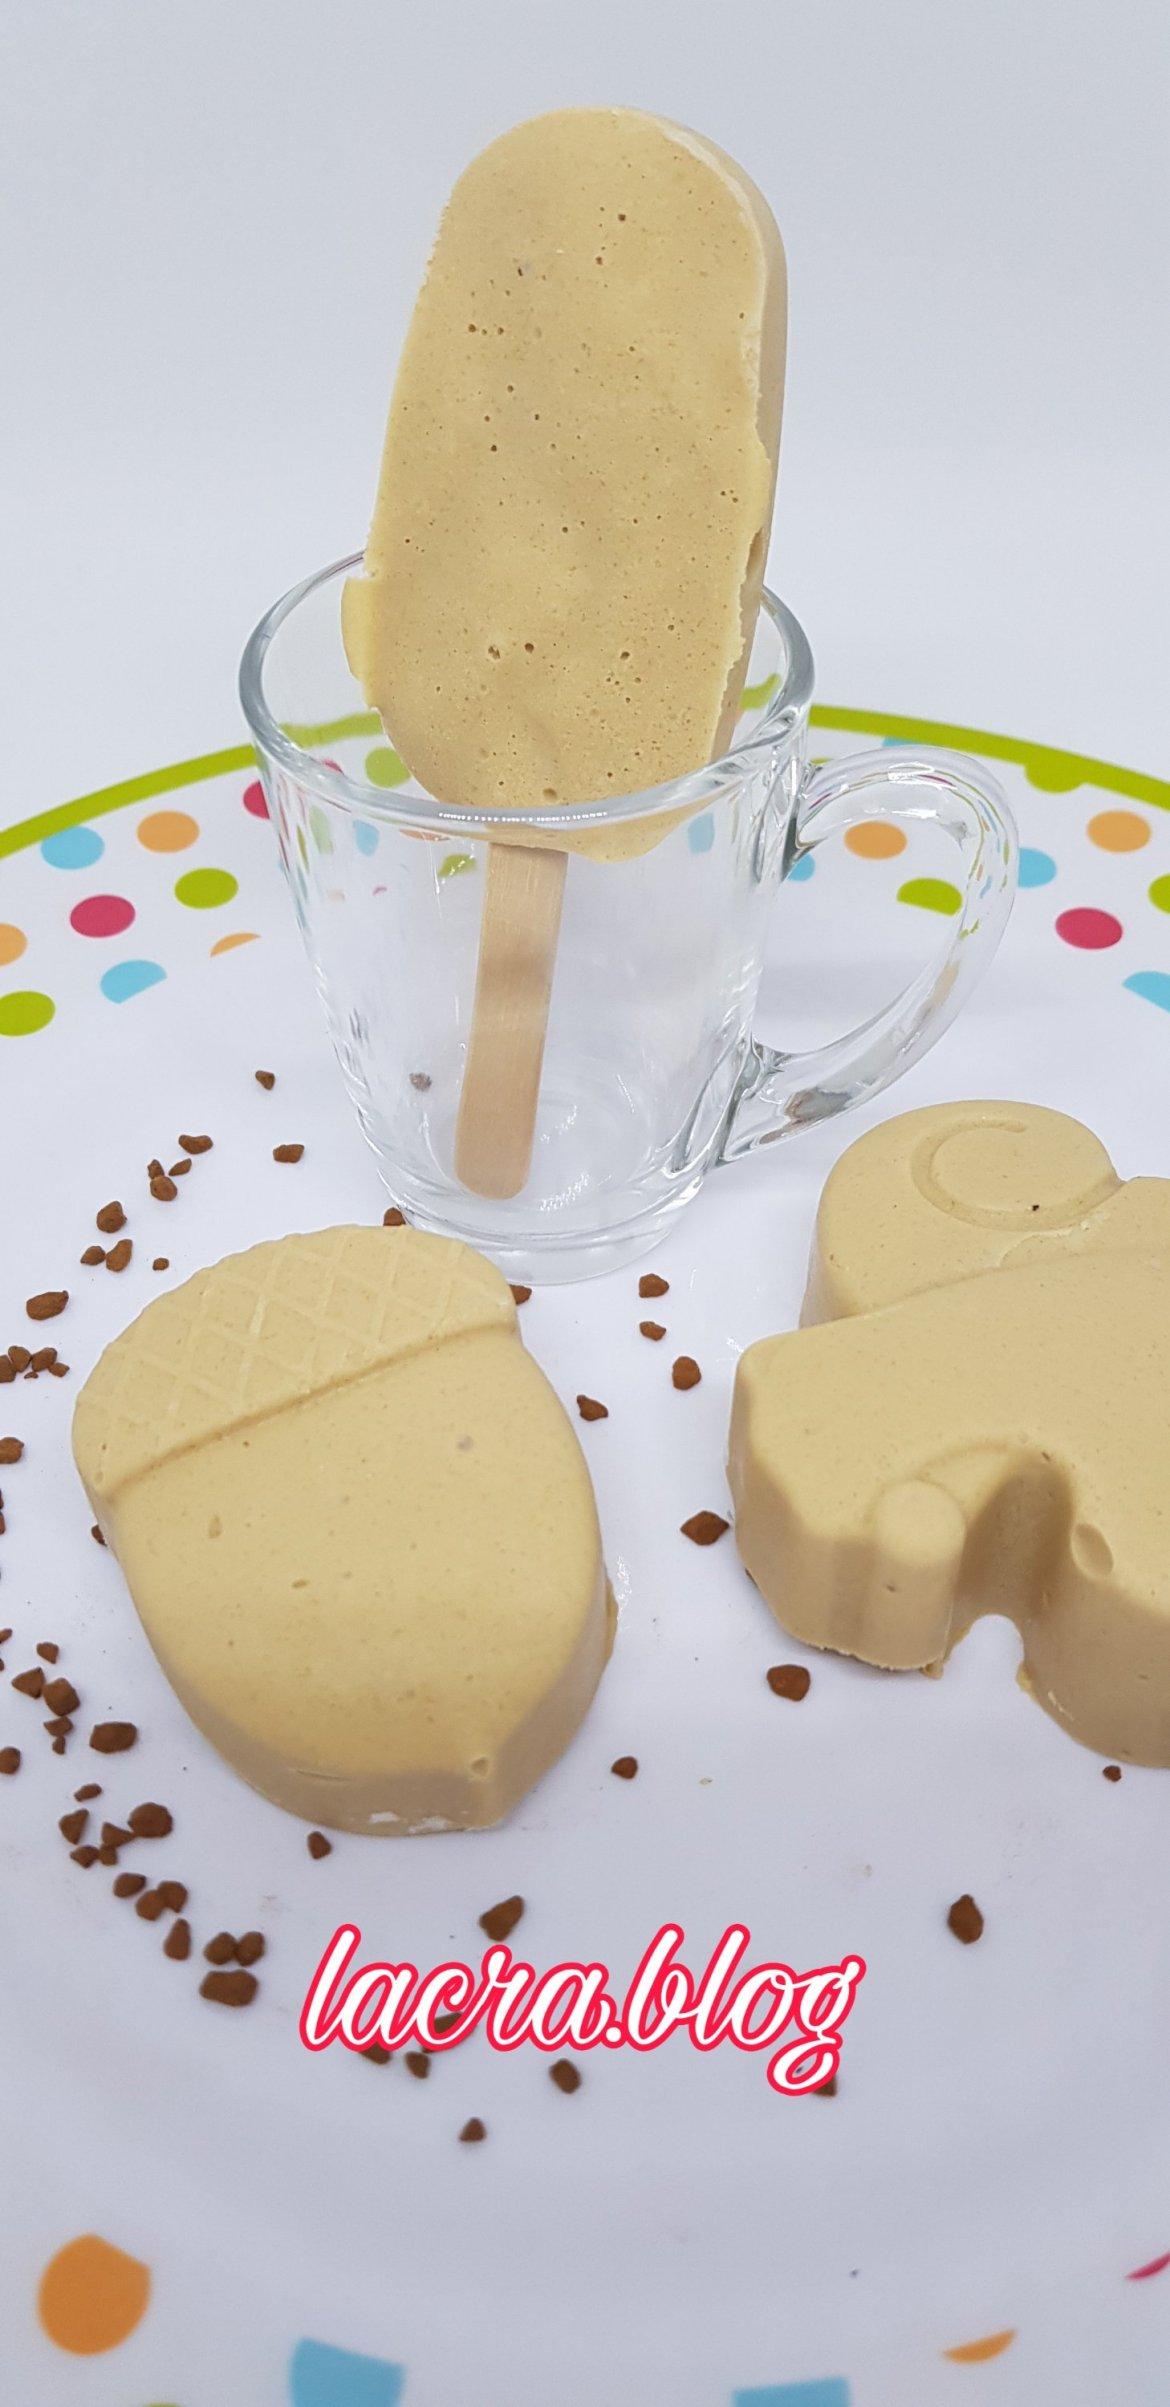 Înghețată cu ness -keto vegan